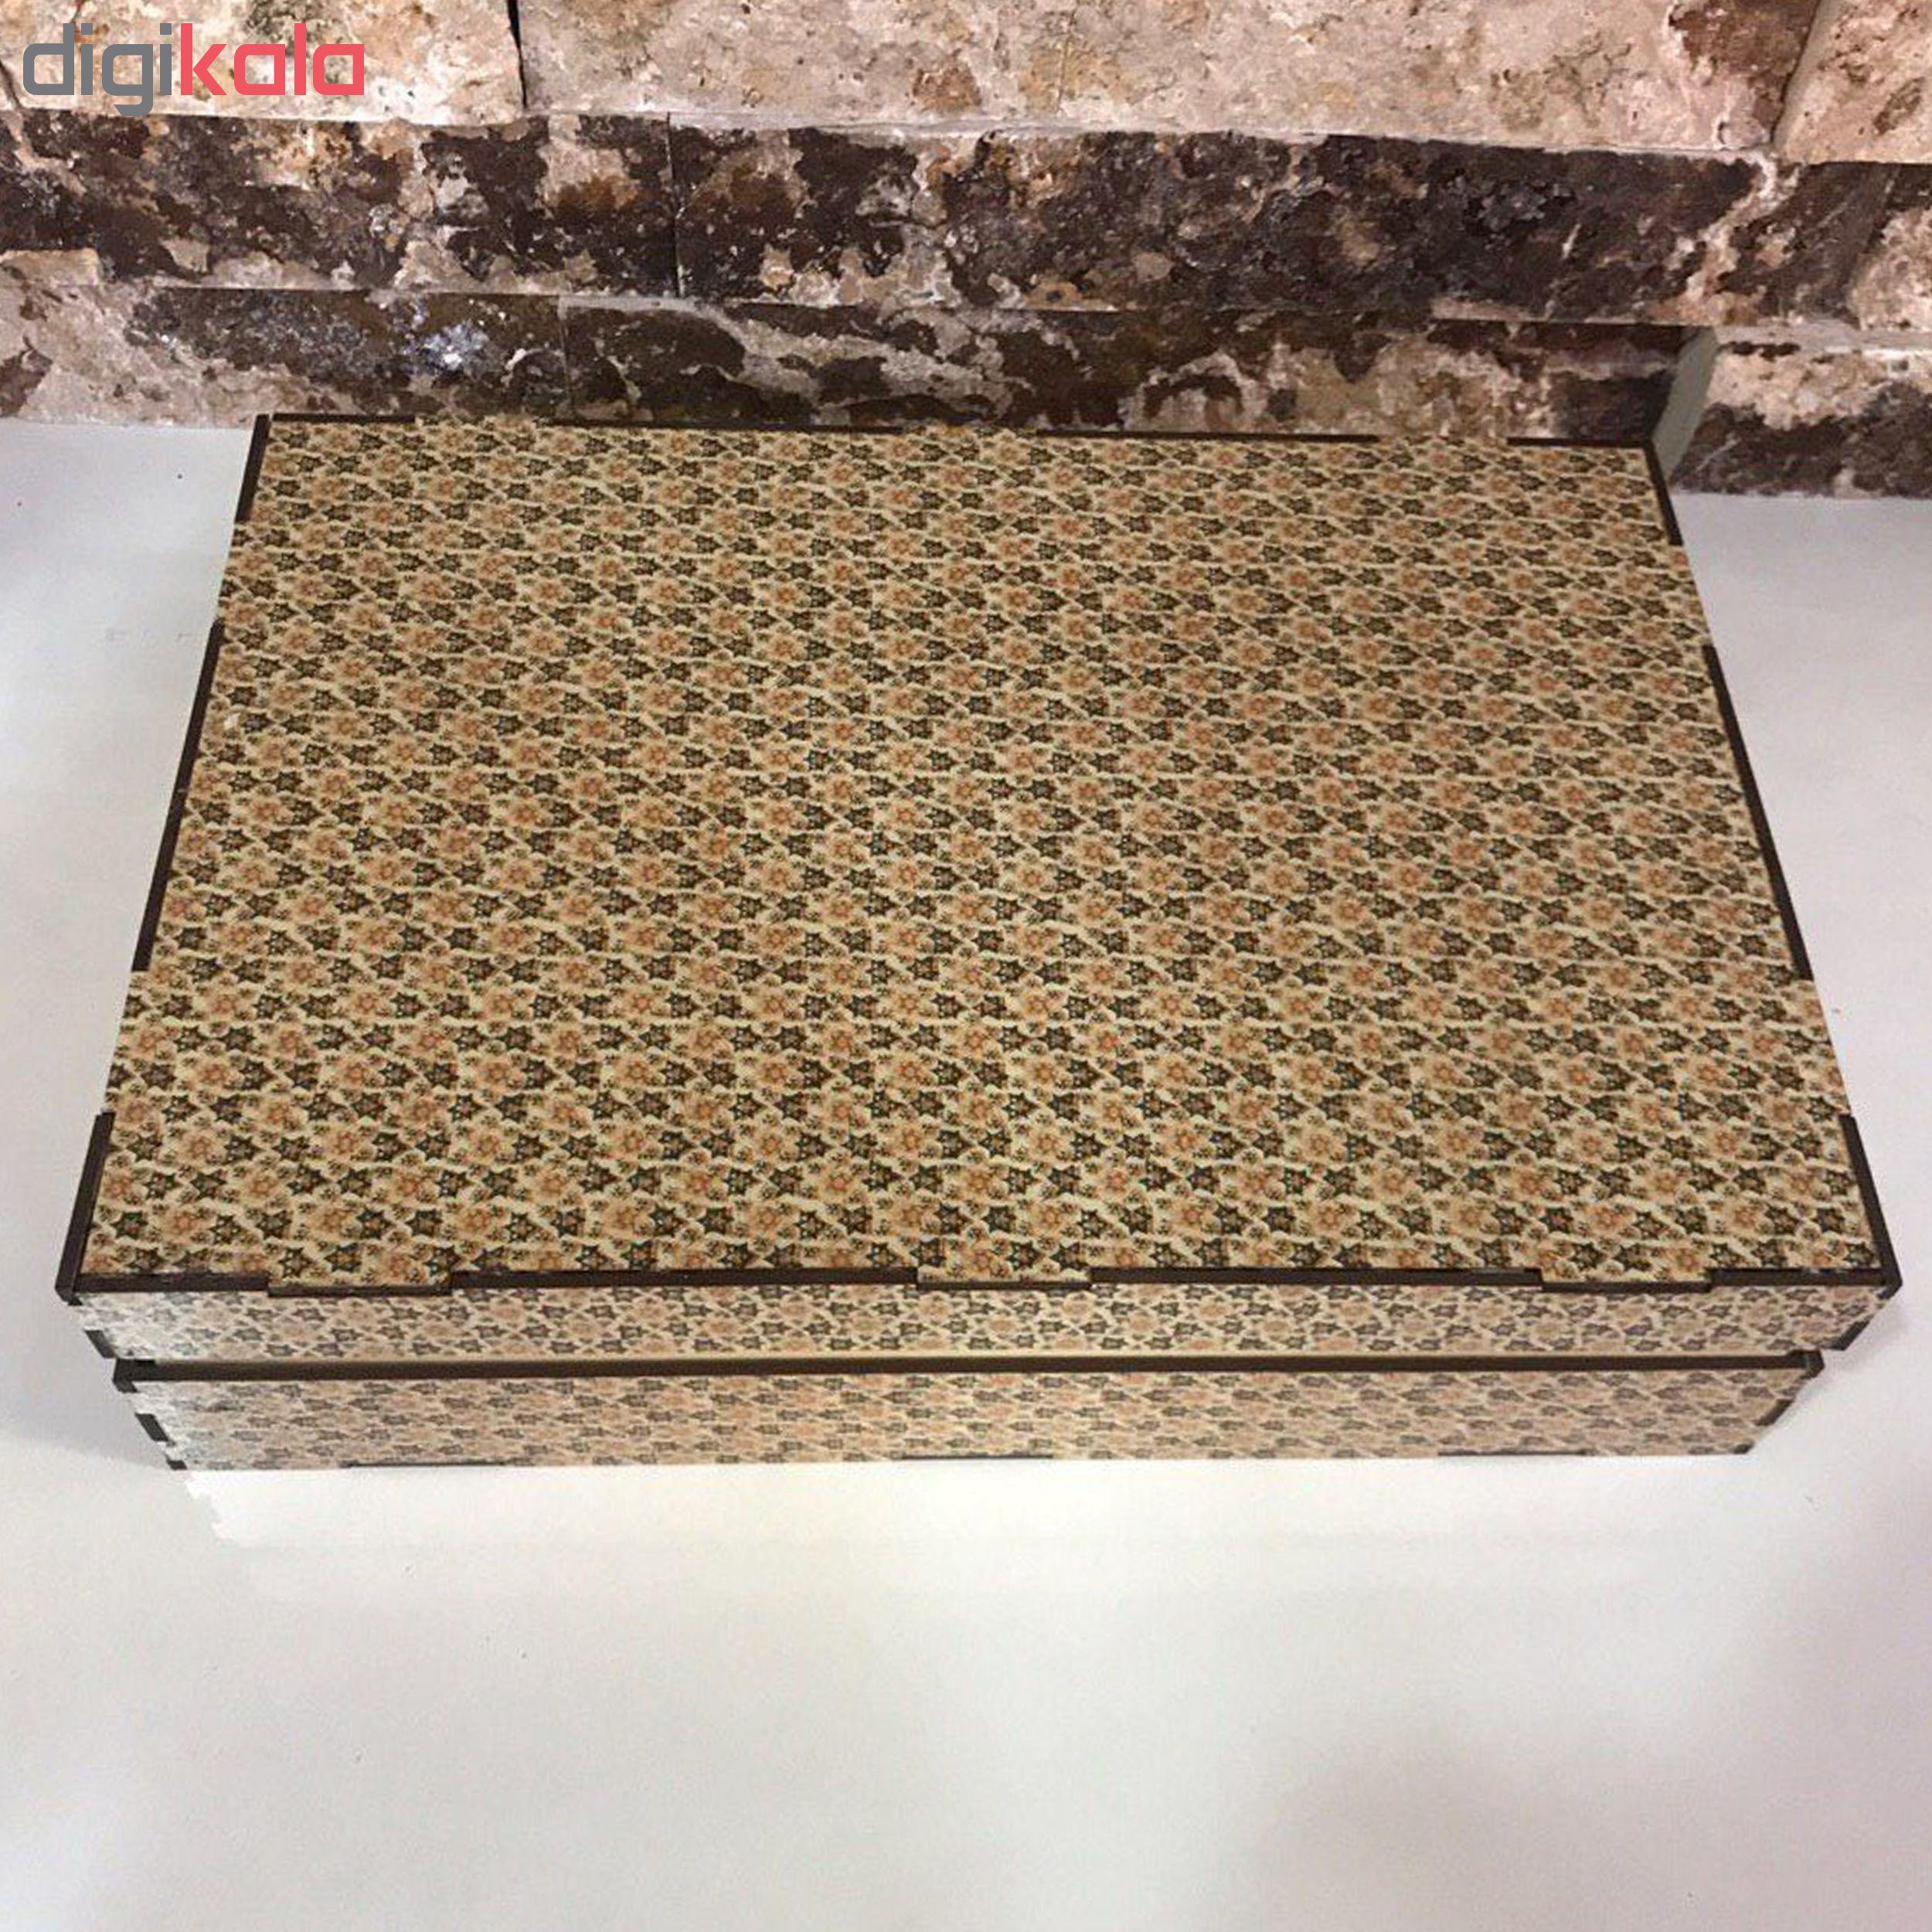 جعبه رومیزی تی بگ و تنقلات و زیر لیوانی مدل اصفهان کد KL34